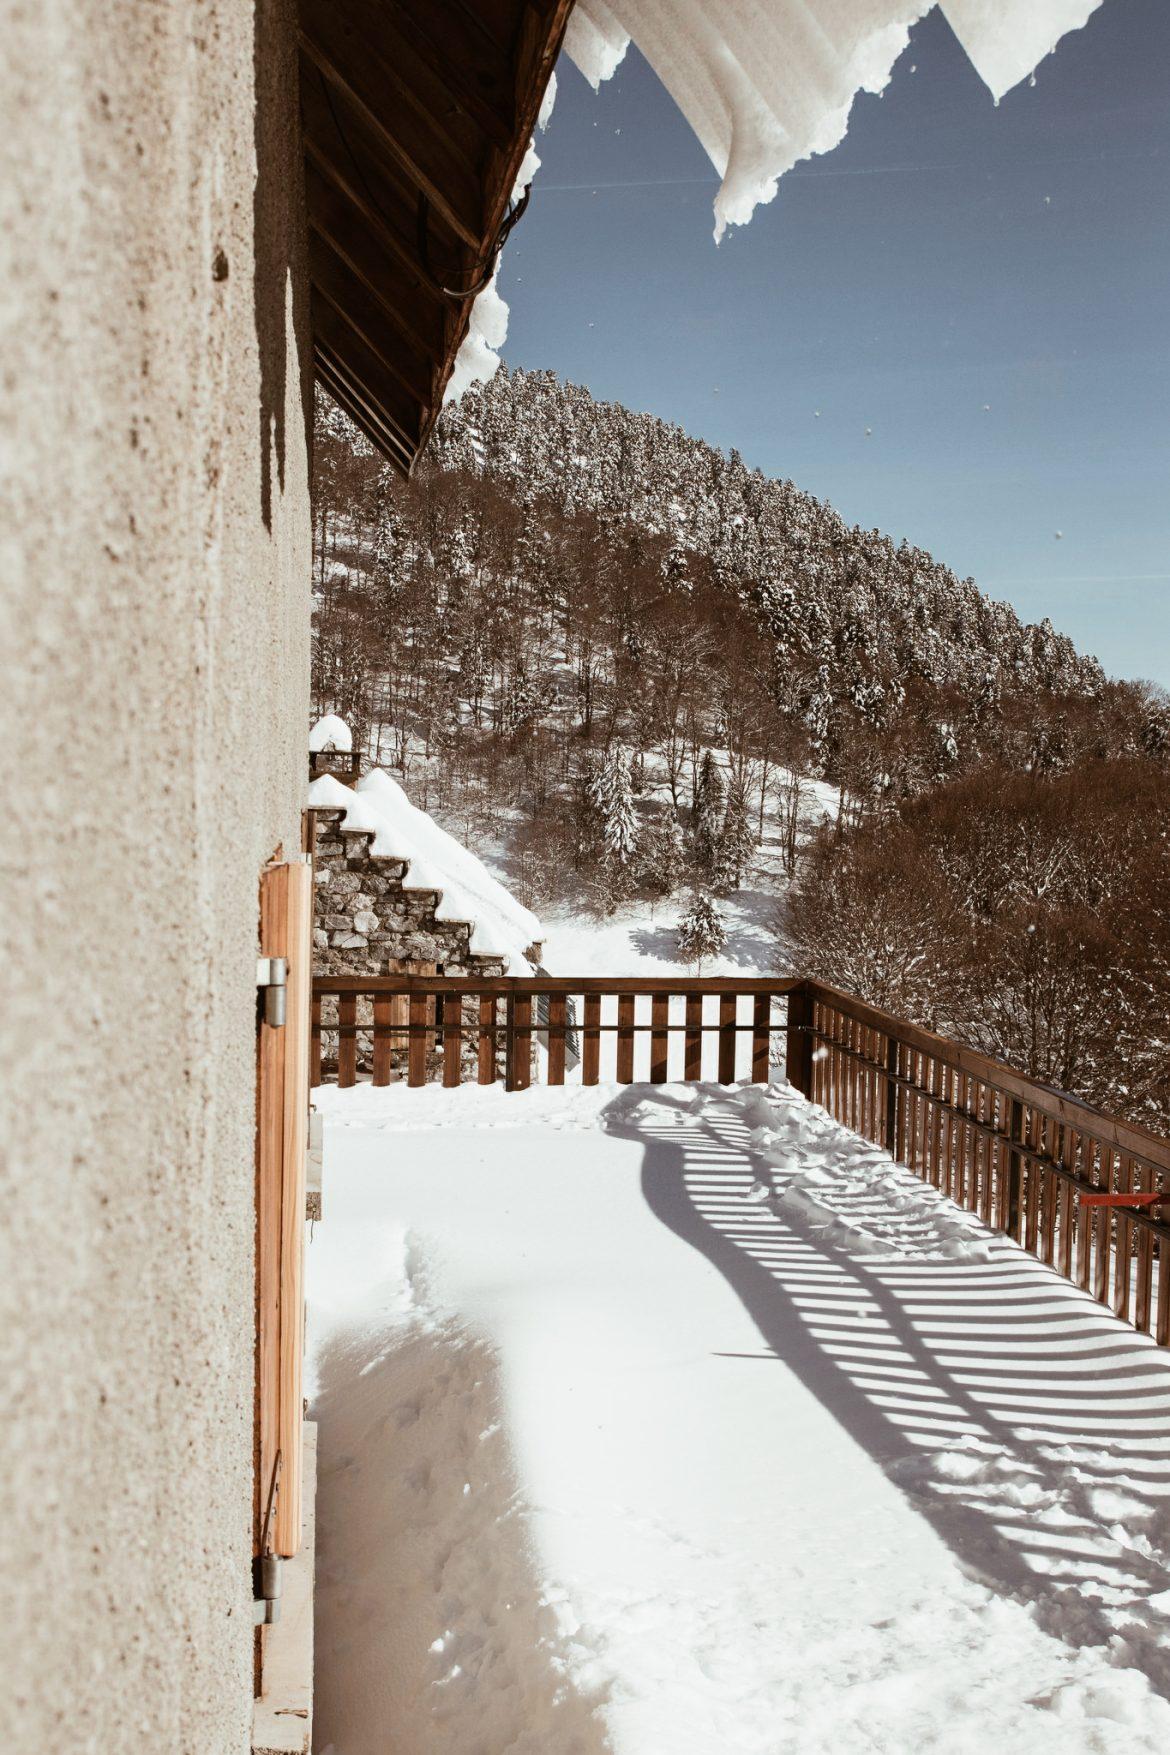 Week end Mourtis, activités de glisse, ski, plein air et nature sauvage, Pyrénées de haute Garonne